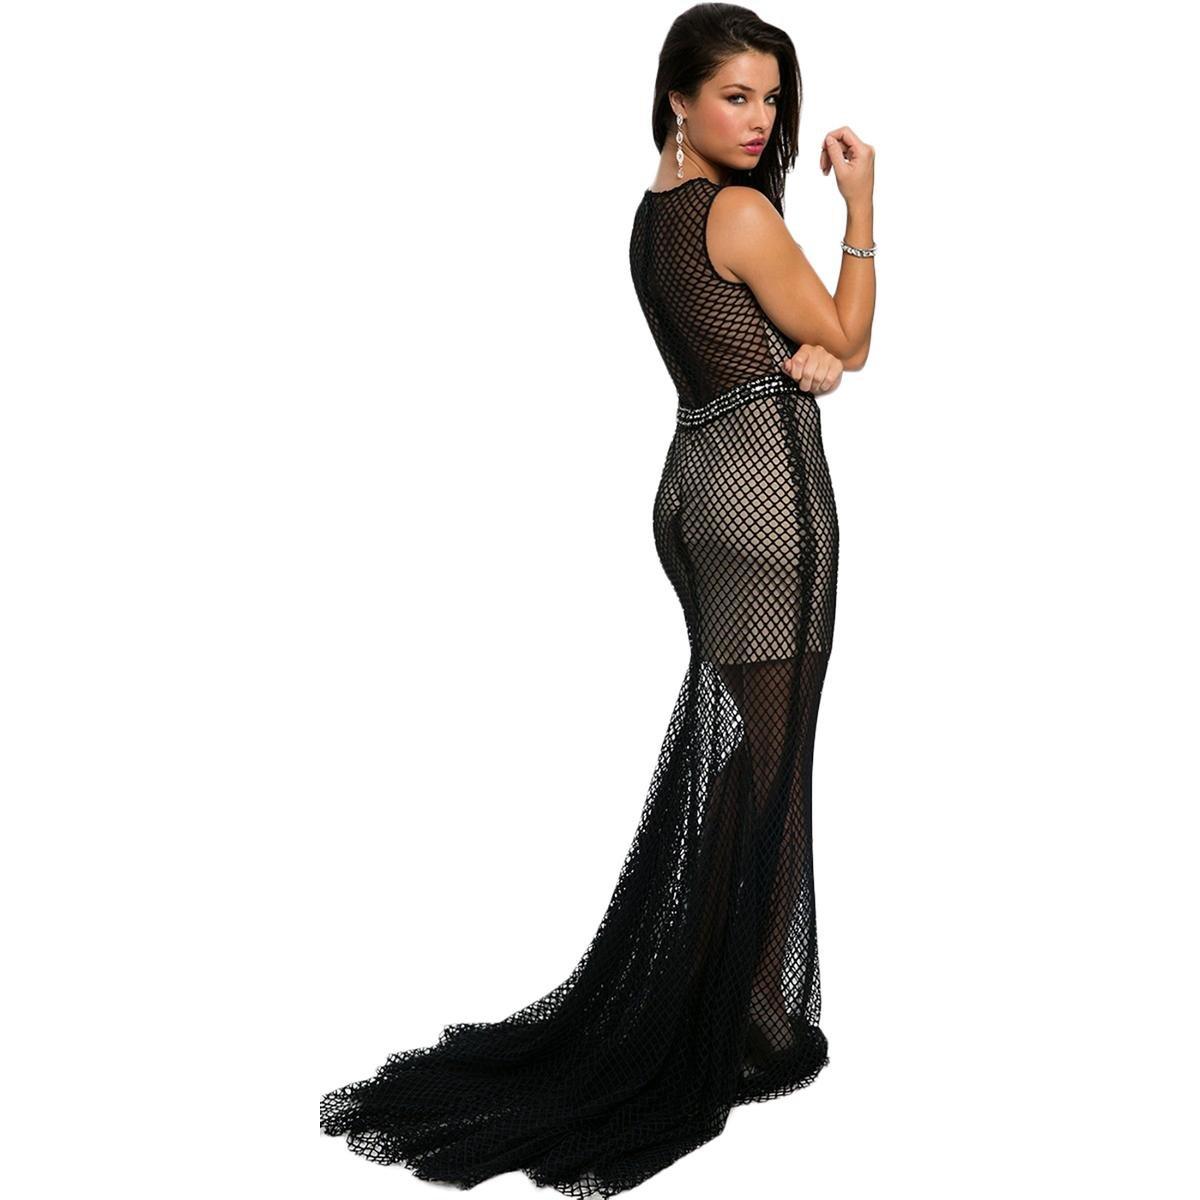 Jovani Fishnet Overlay Rhinestone Formal Dress Black 8: Amazon.co.uk: Clothing